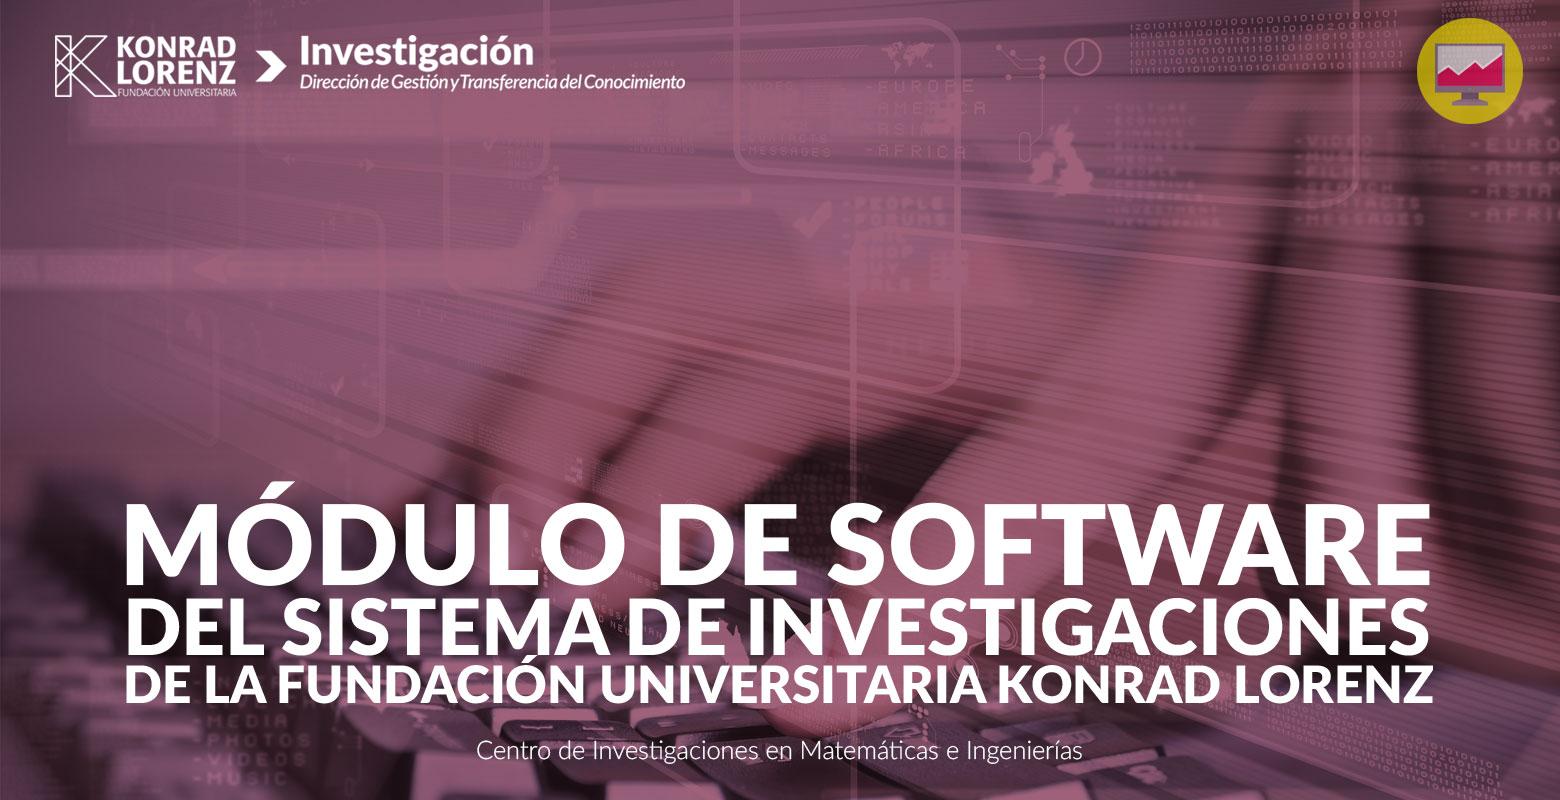 Módulo de software del sistema de investigaciones de la Konrad Lorenz